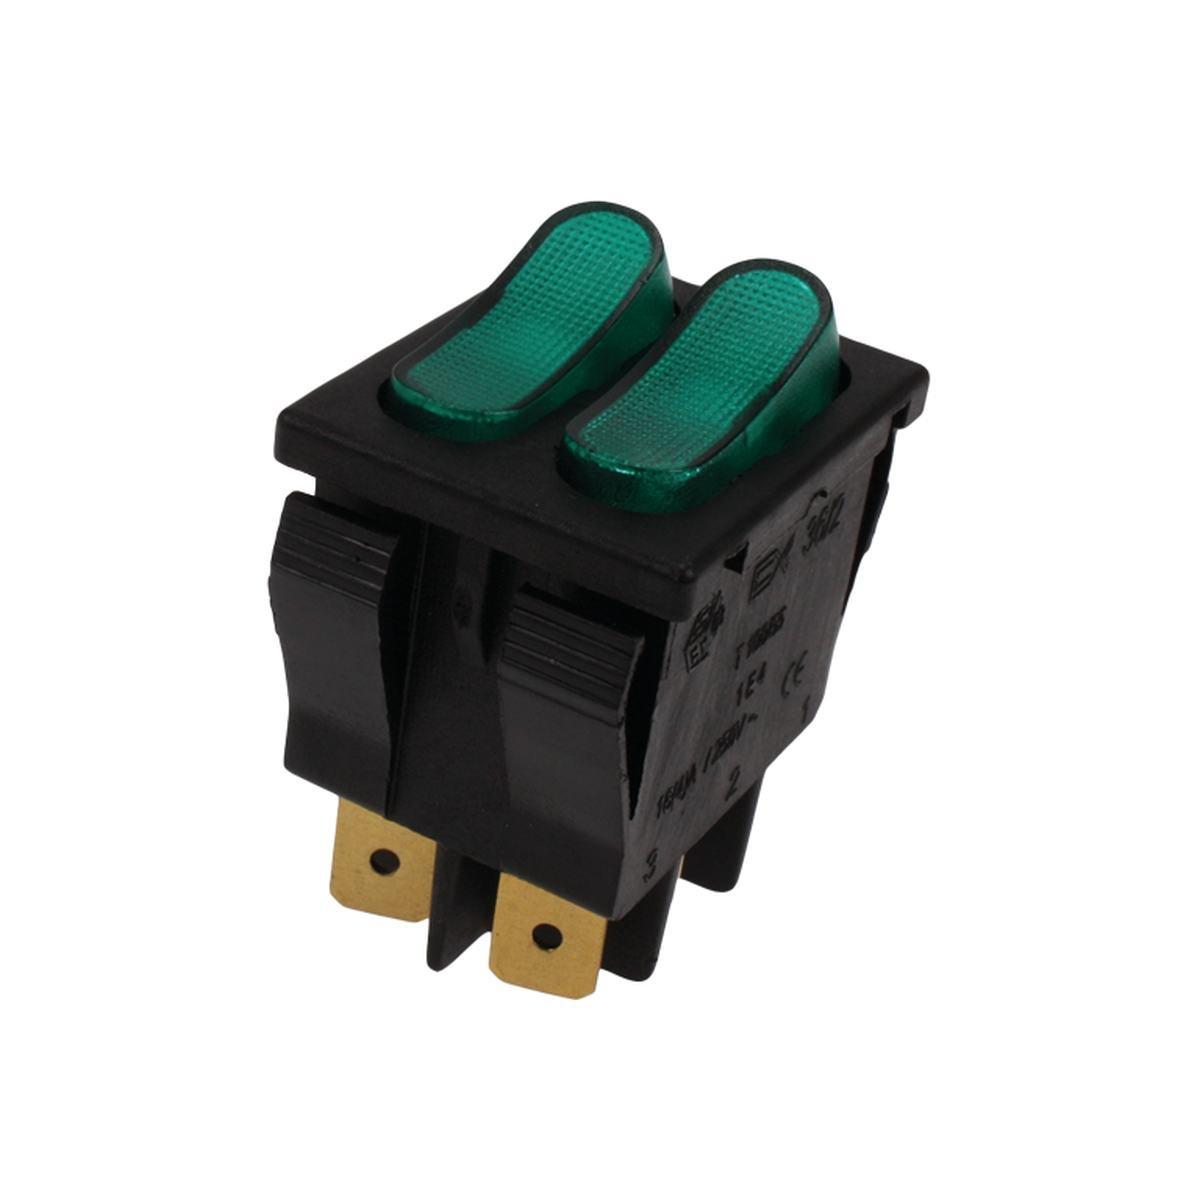 Dobbeltafbryder sort med grønt lys 250V 16A 30x22m